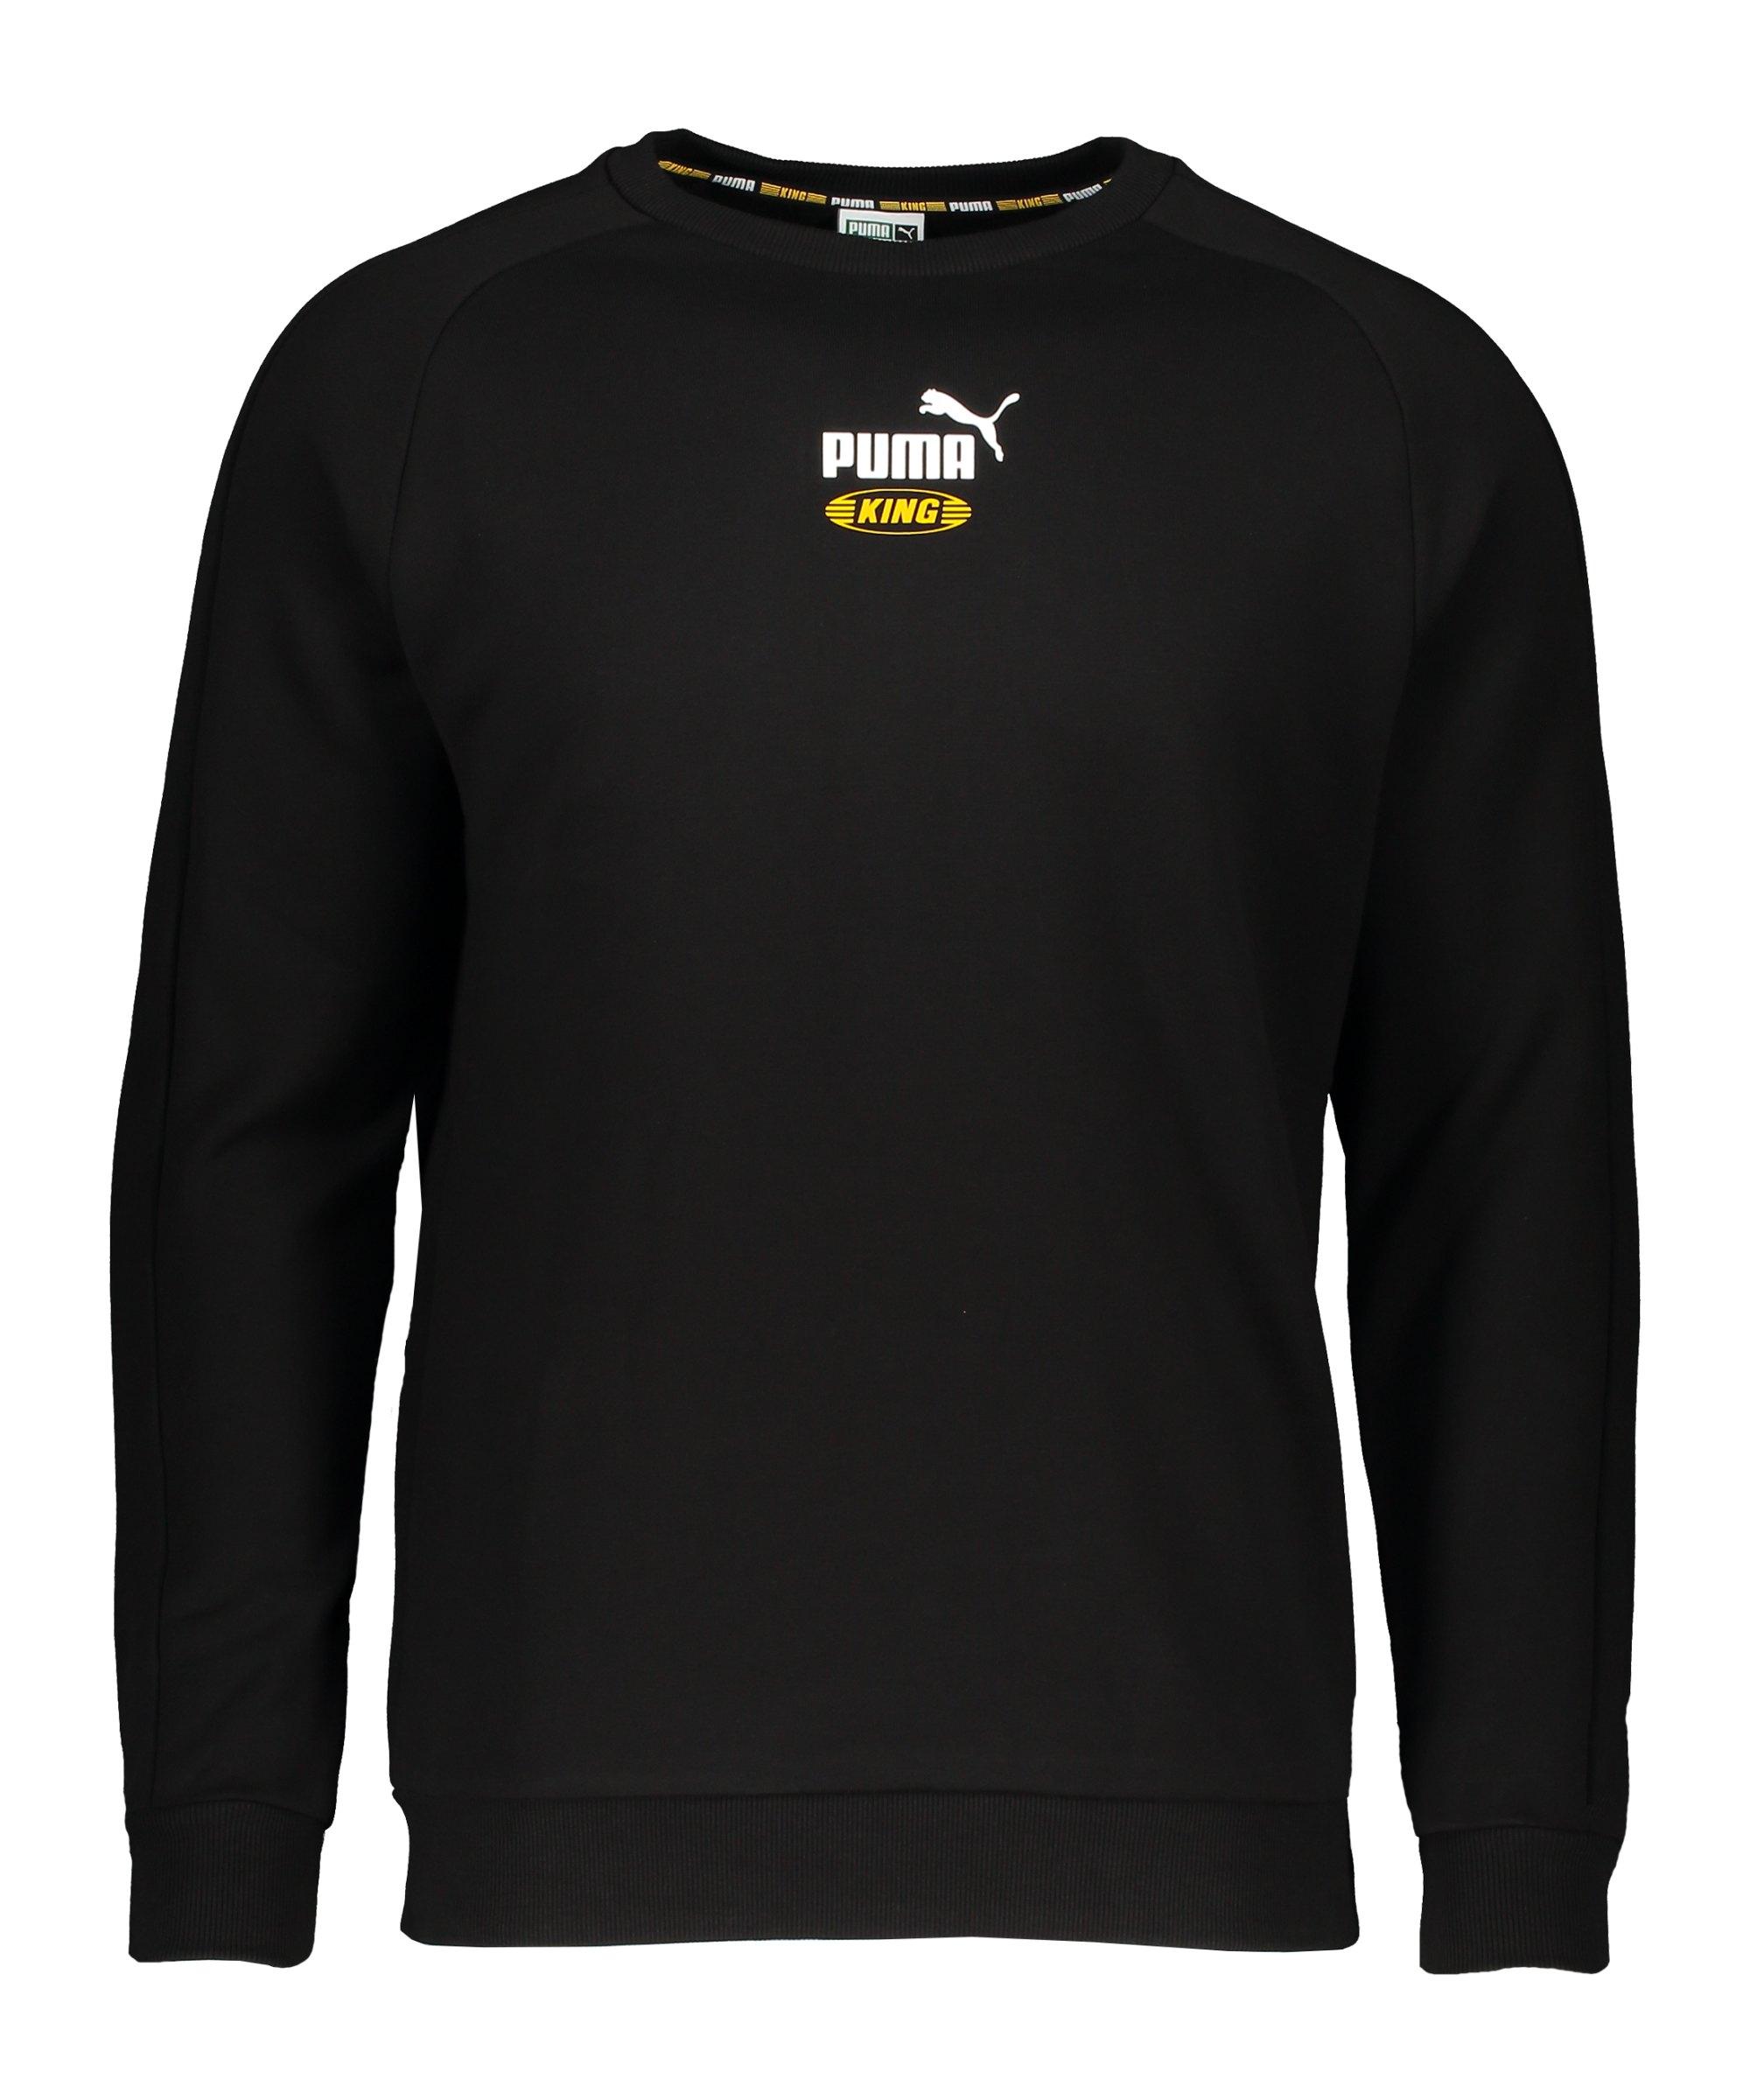 PUMA Iconic KING Crew Sweatshirt Schwarz F01 - schwarz